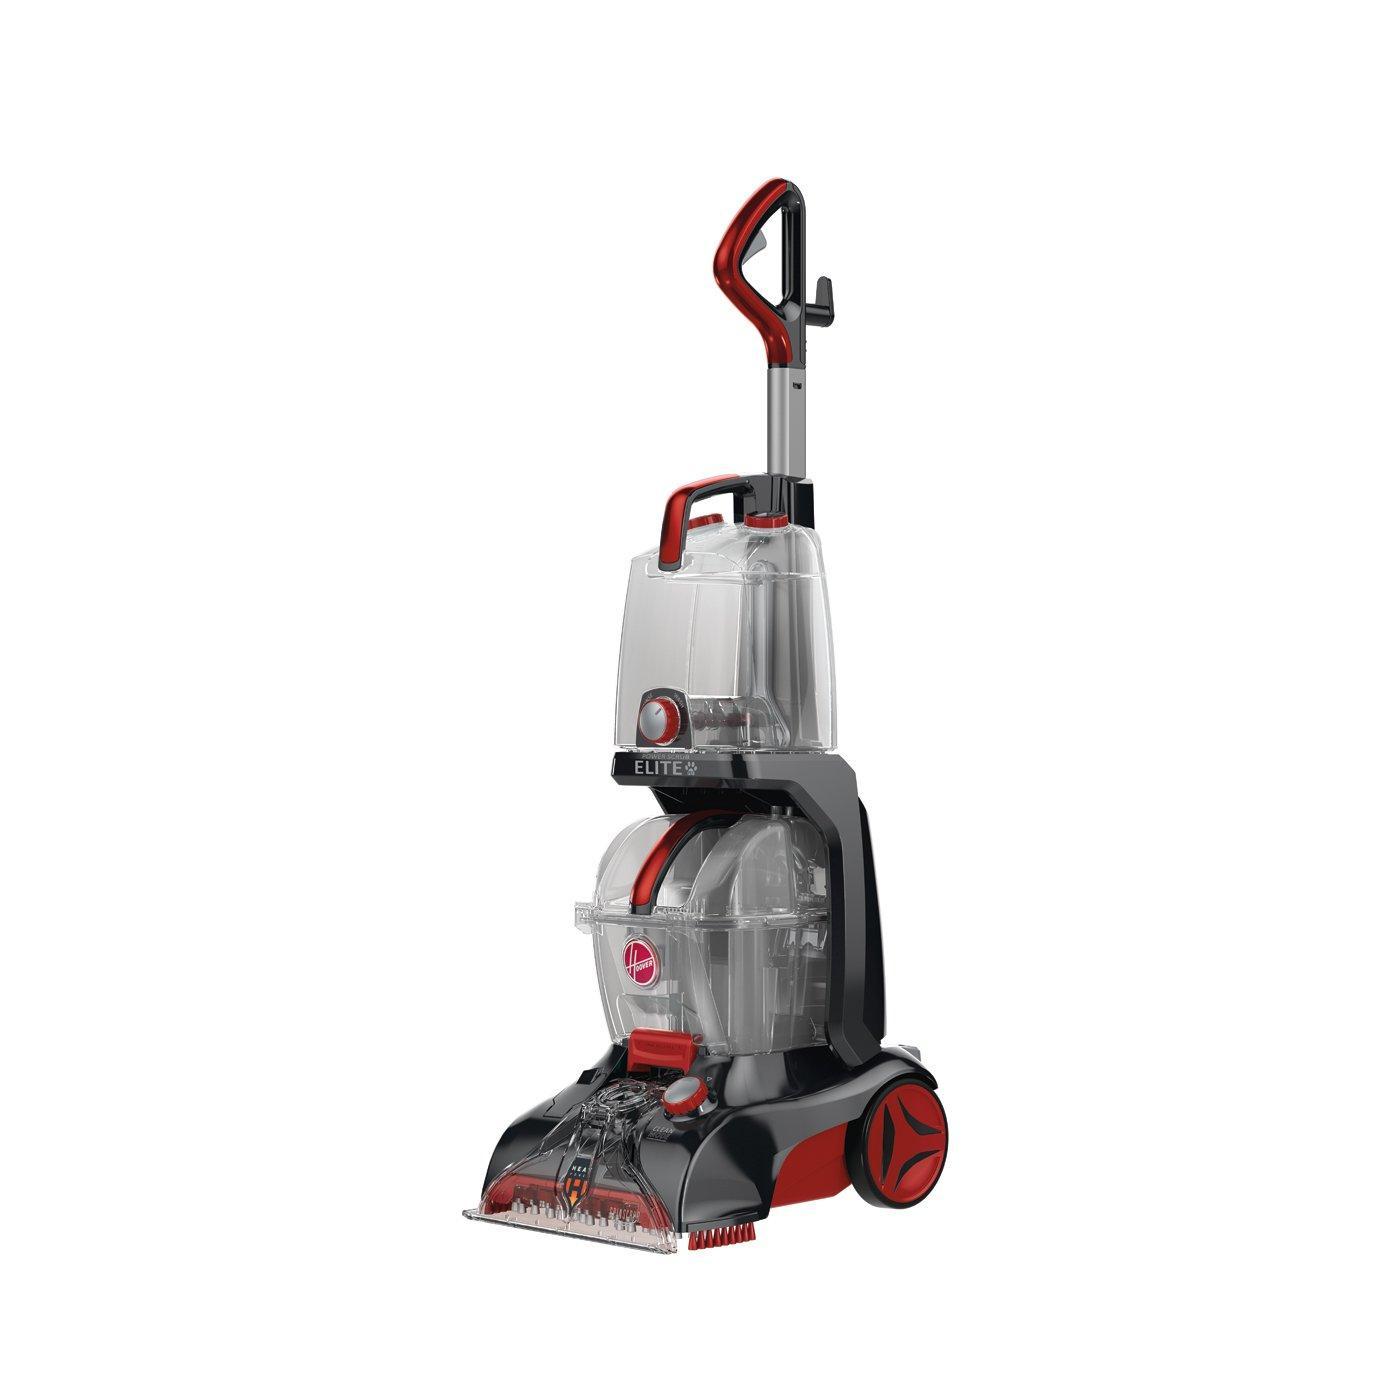 Power Scrub Elite Pet Plus Carpet Cleaner2